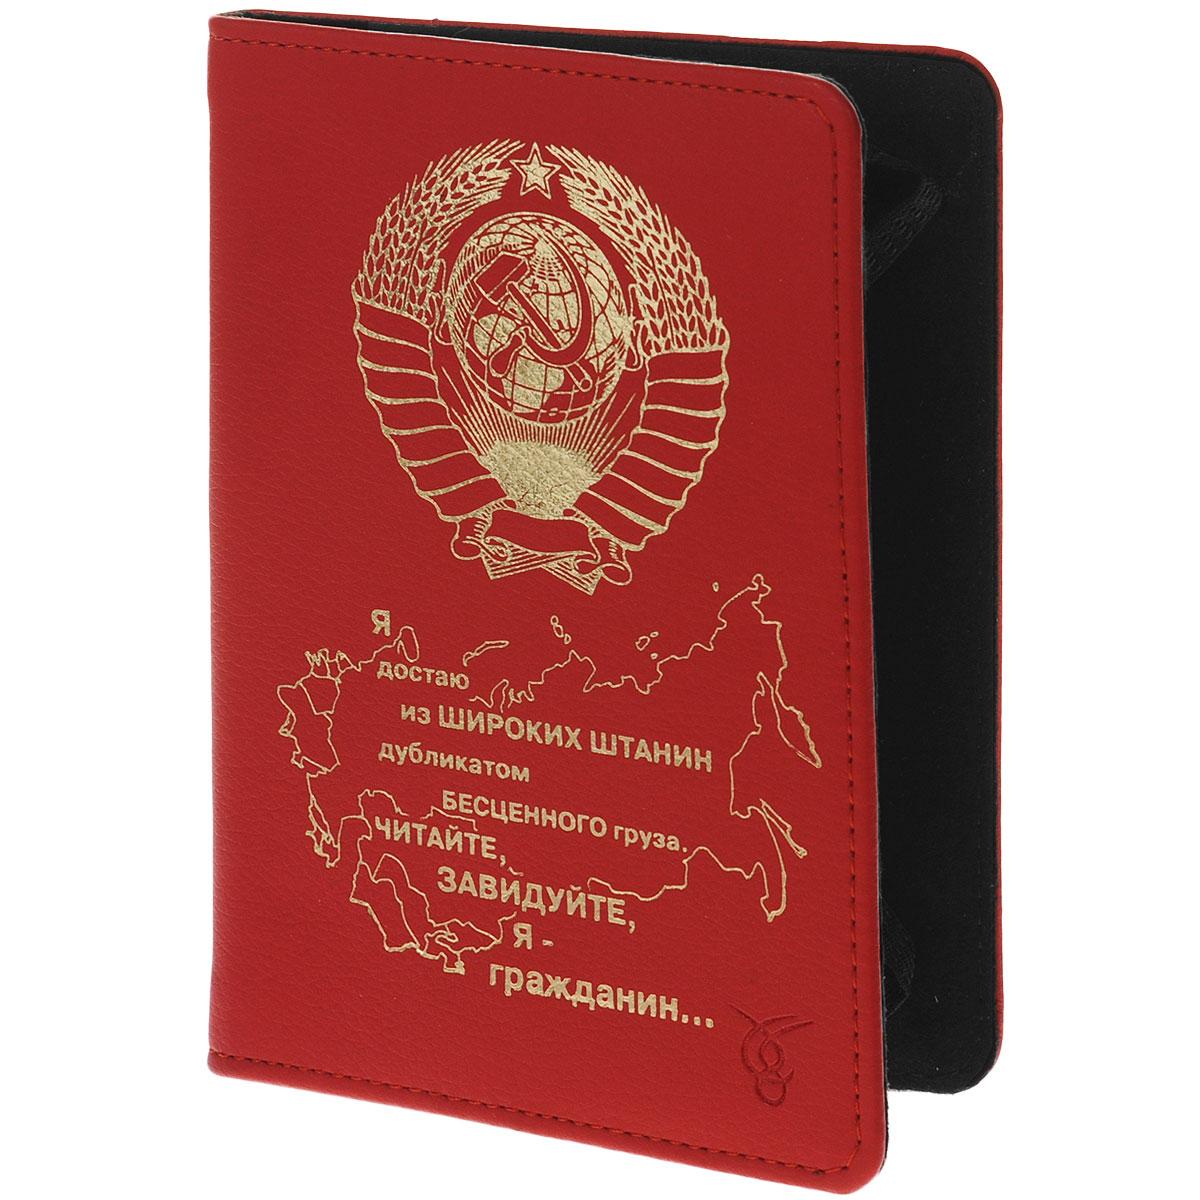 Vivacase Soviet чехол для планшетов 7+, Red (VUC-CSV07P-r)VUC-CSV07P-rЧехол Viva Soviet предназначен для защиты электронных устройств диагональю 7+ дюймов от механического повреждения и влаги. Крепление PVS позволяет надежно зафиксировать устройство.